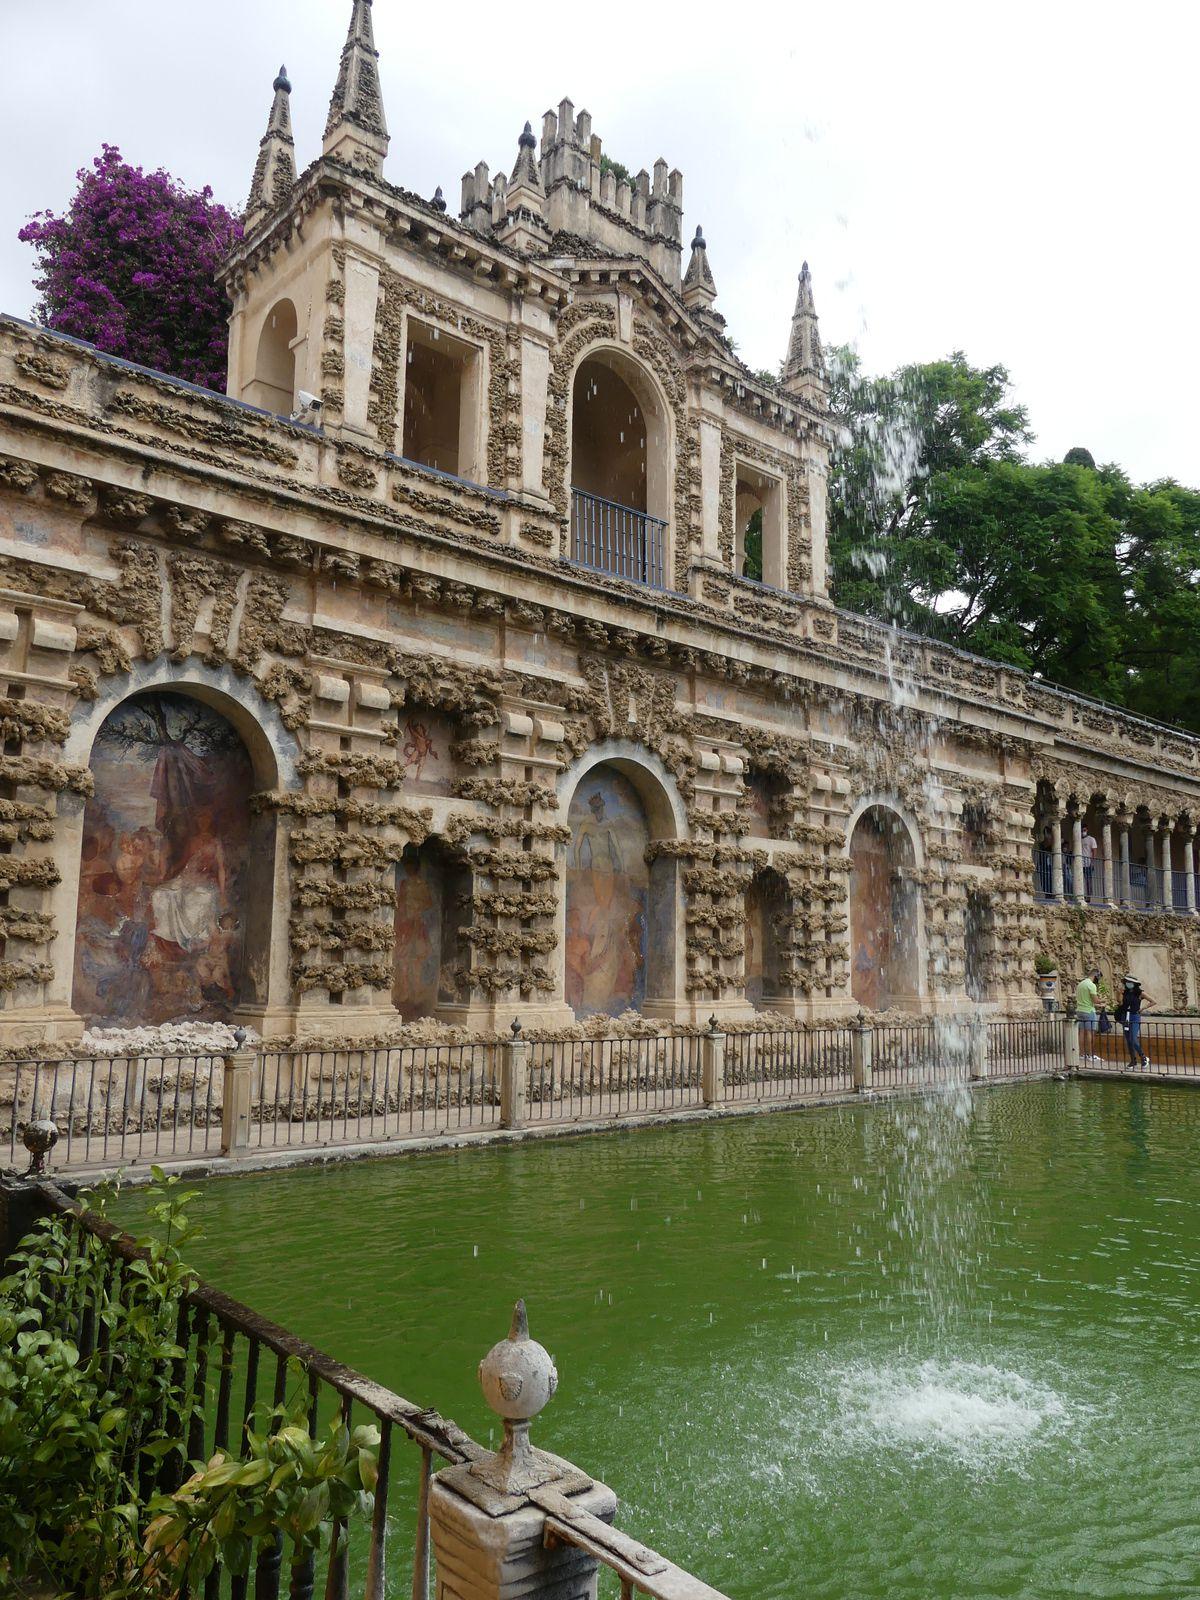 L'Alcazar, autre joyau de Séville. Toutes les pièces du palais sont éblouissantes.Des jardins, des patios... On n'a pas pu visiter toutes les appartements, faute d'anticipation de réservation.